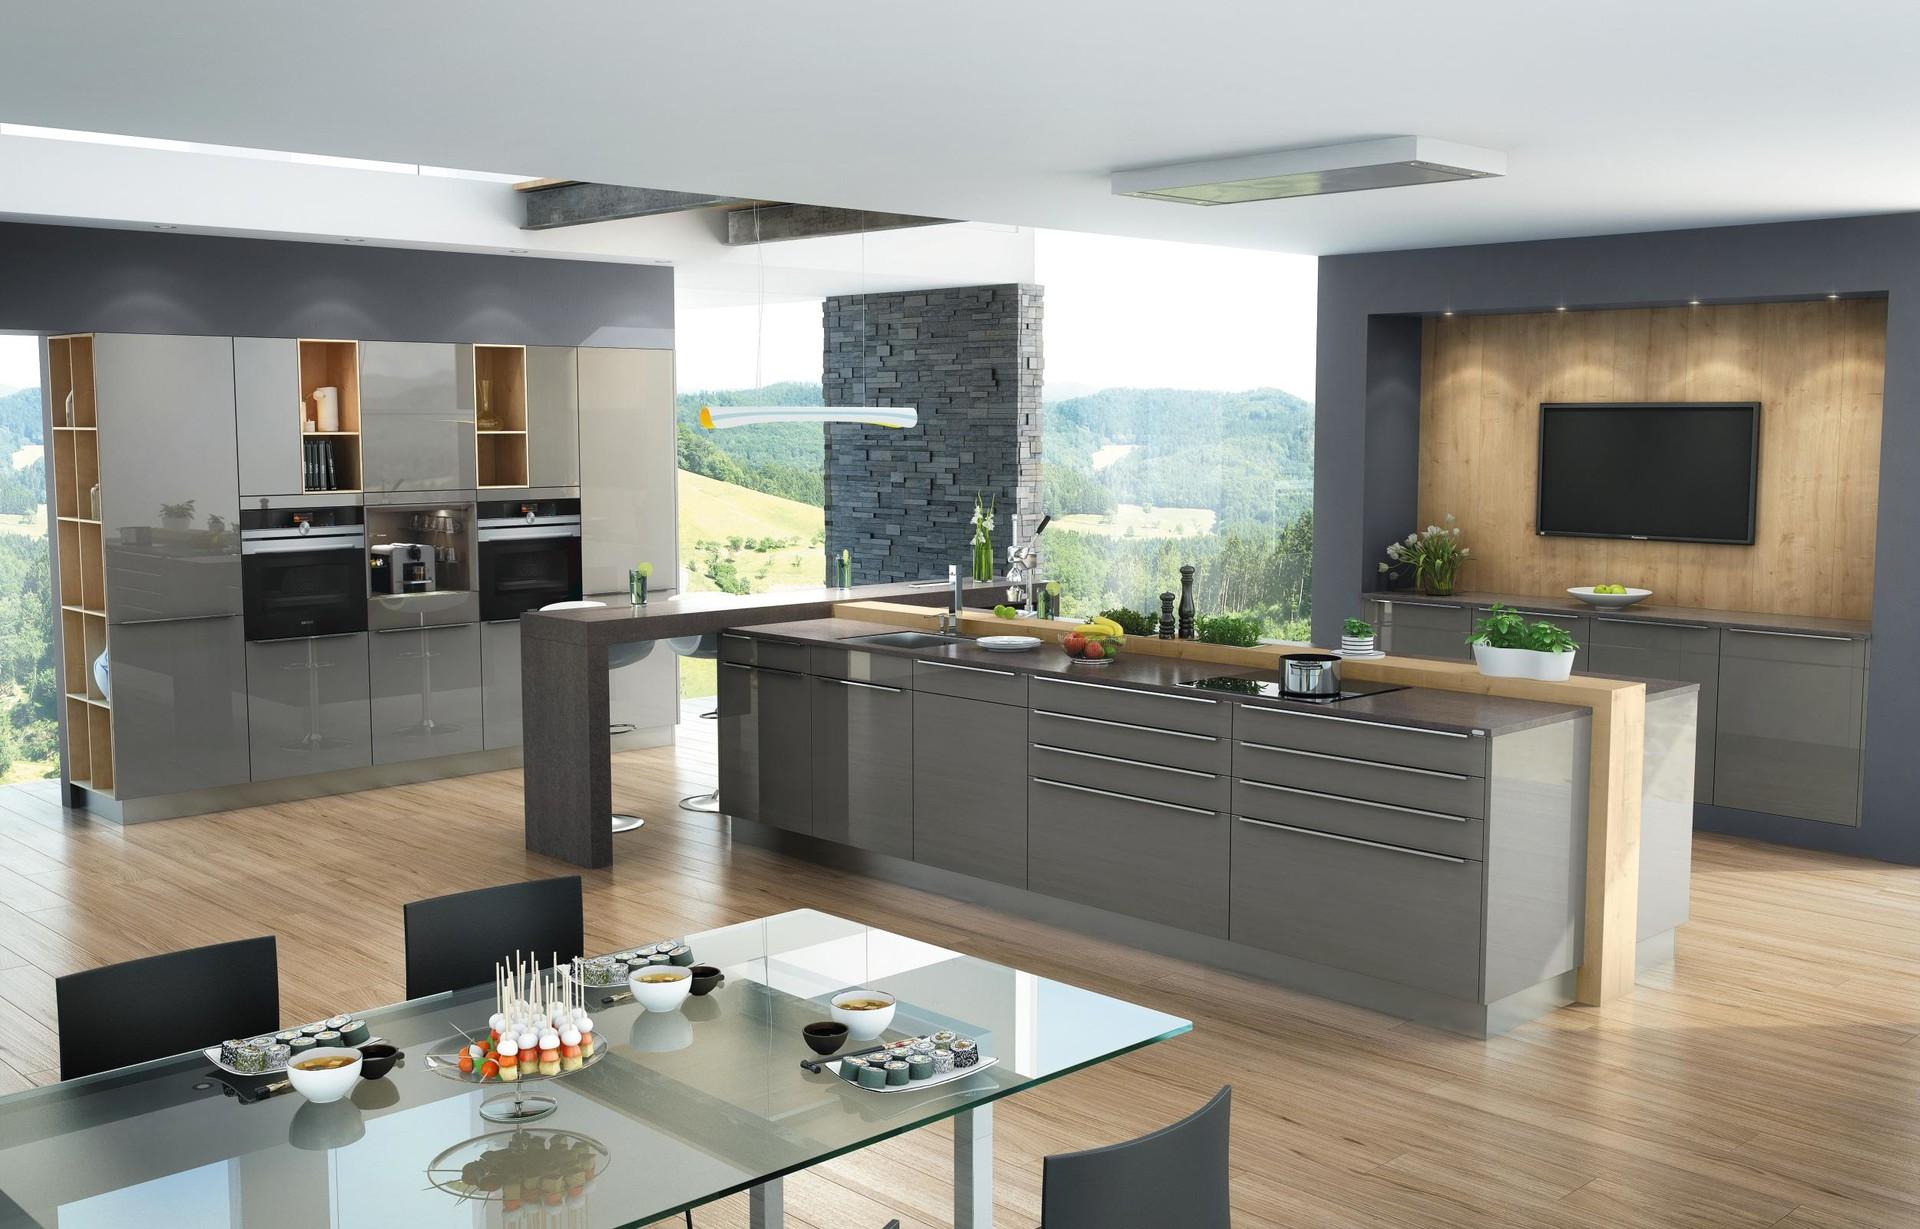 Küchendesign nahe Wels: Wir designen Ihre Wunschküchen!